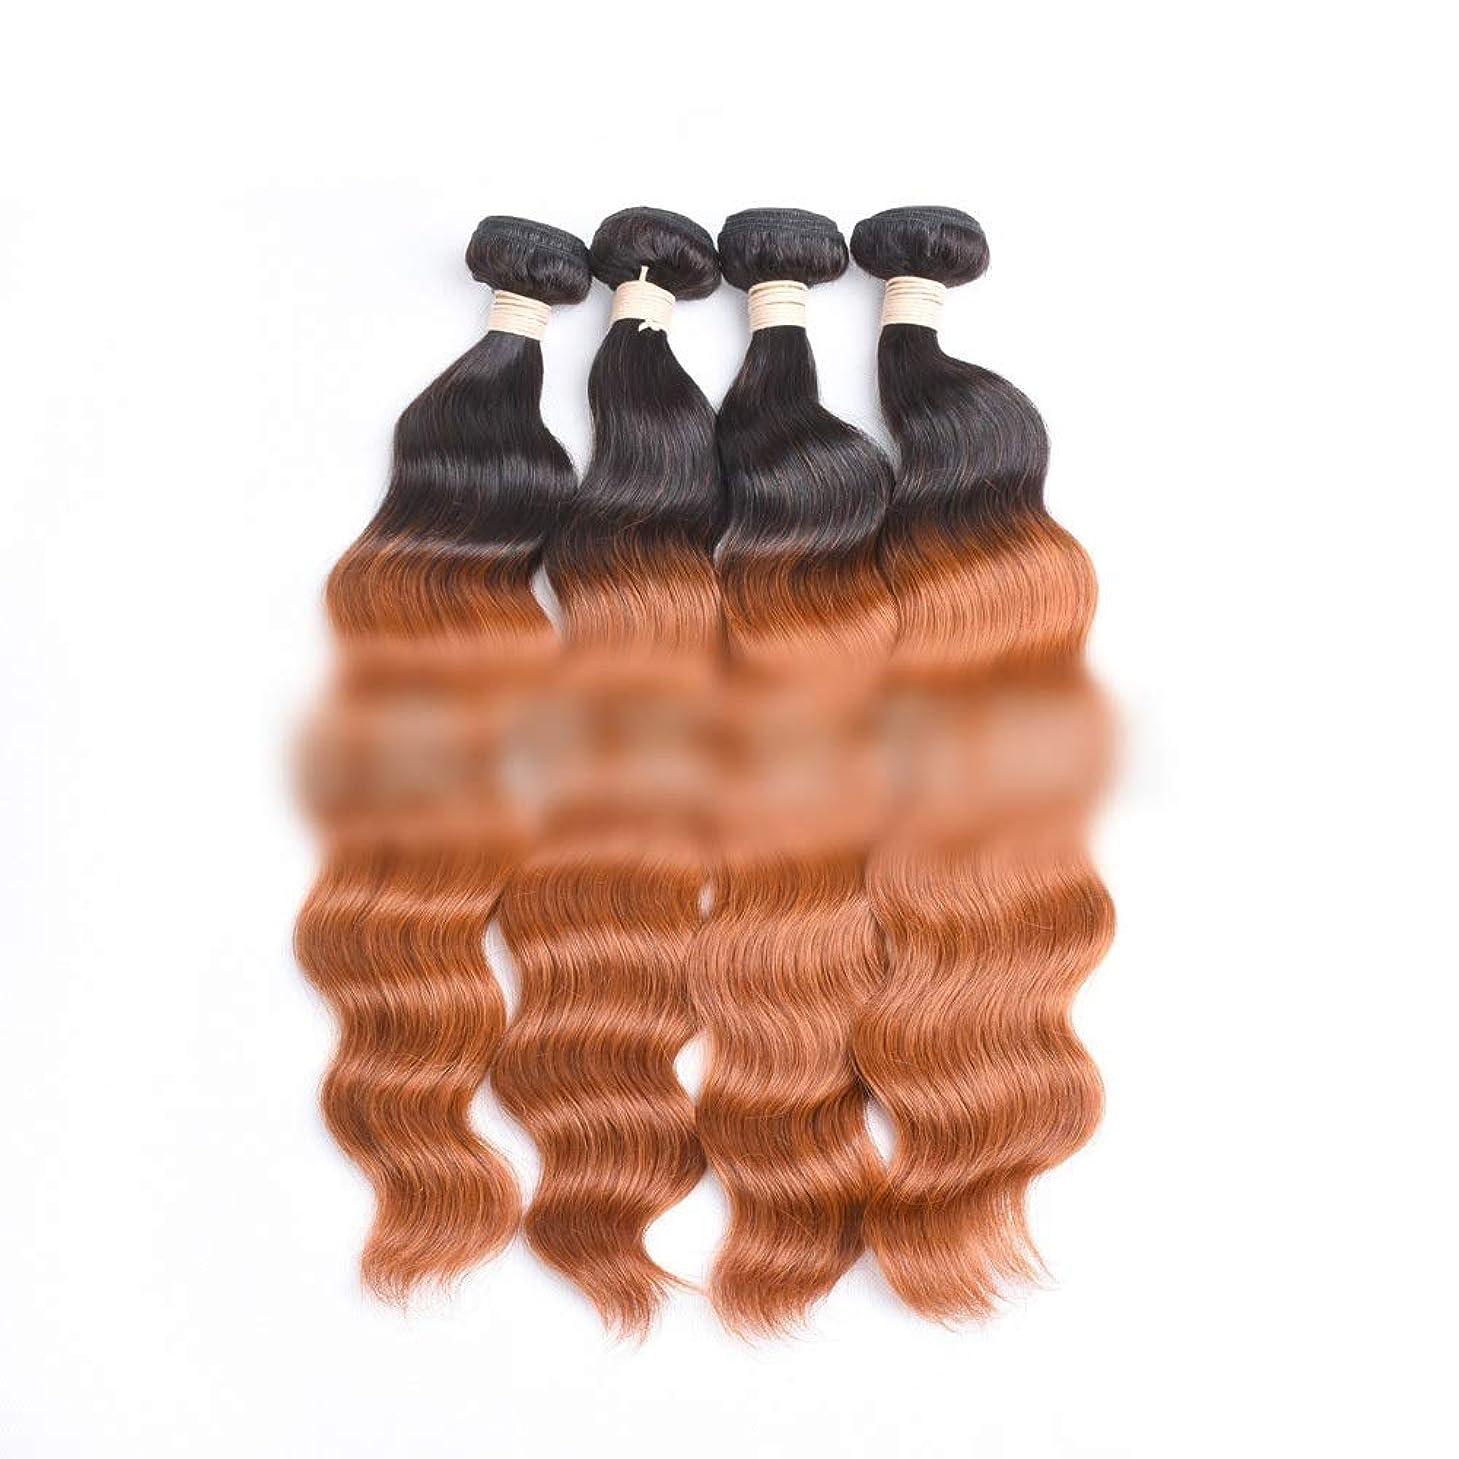 読みやすさ知覚するオーナメントYESONEEP ブラジルのオーシャンウェーブヘア1バンドル未処理の人間の髪の毛の拡張子 - #30明るい茶色の色ロールプレイングかつら女性の自然なかつら (色 : ブラウン, サイズ : 26 inch)